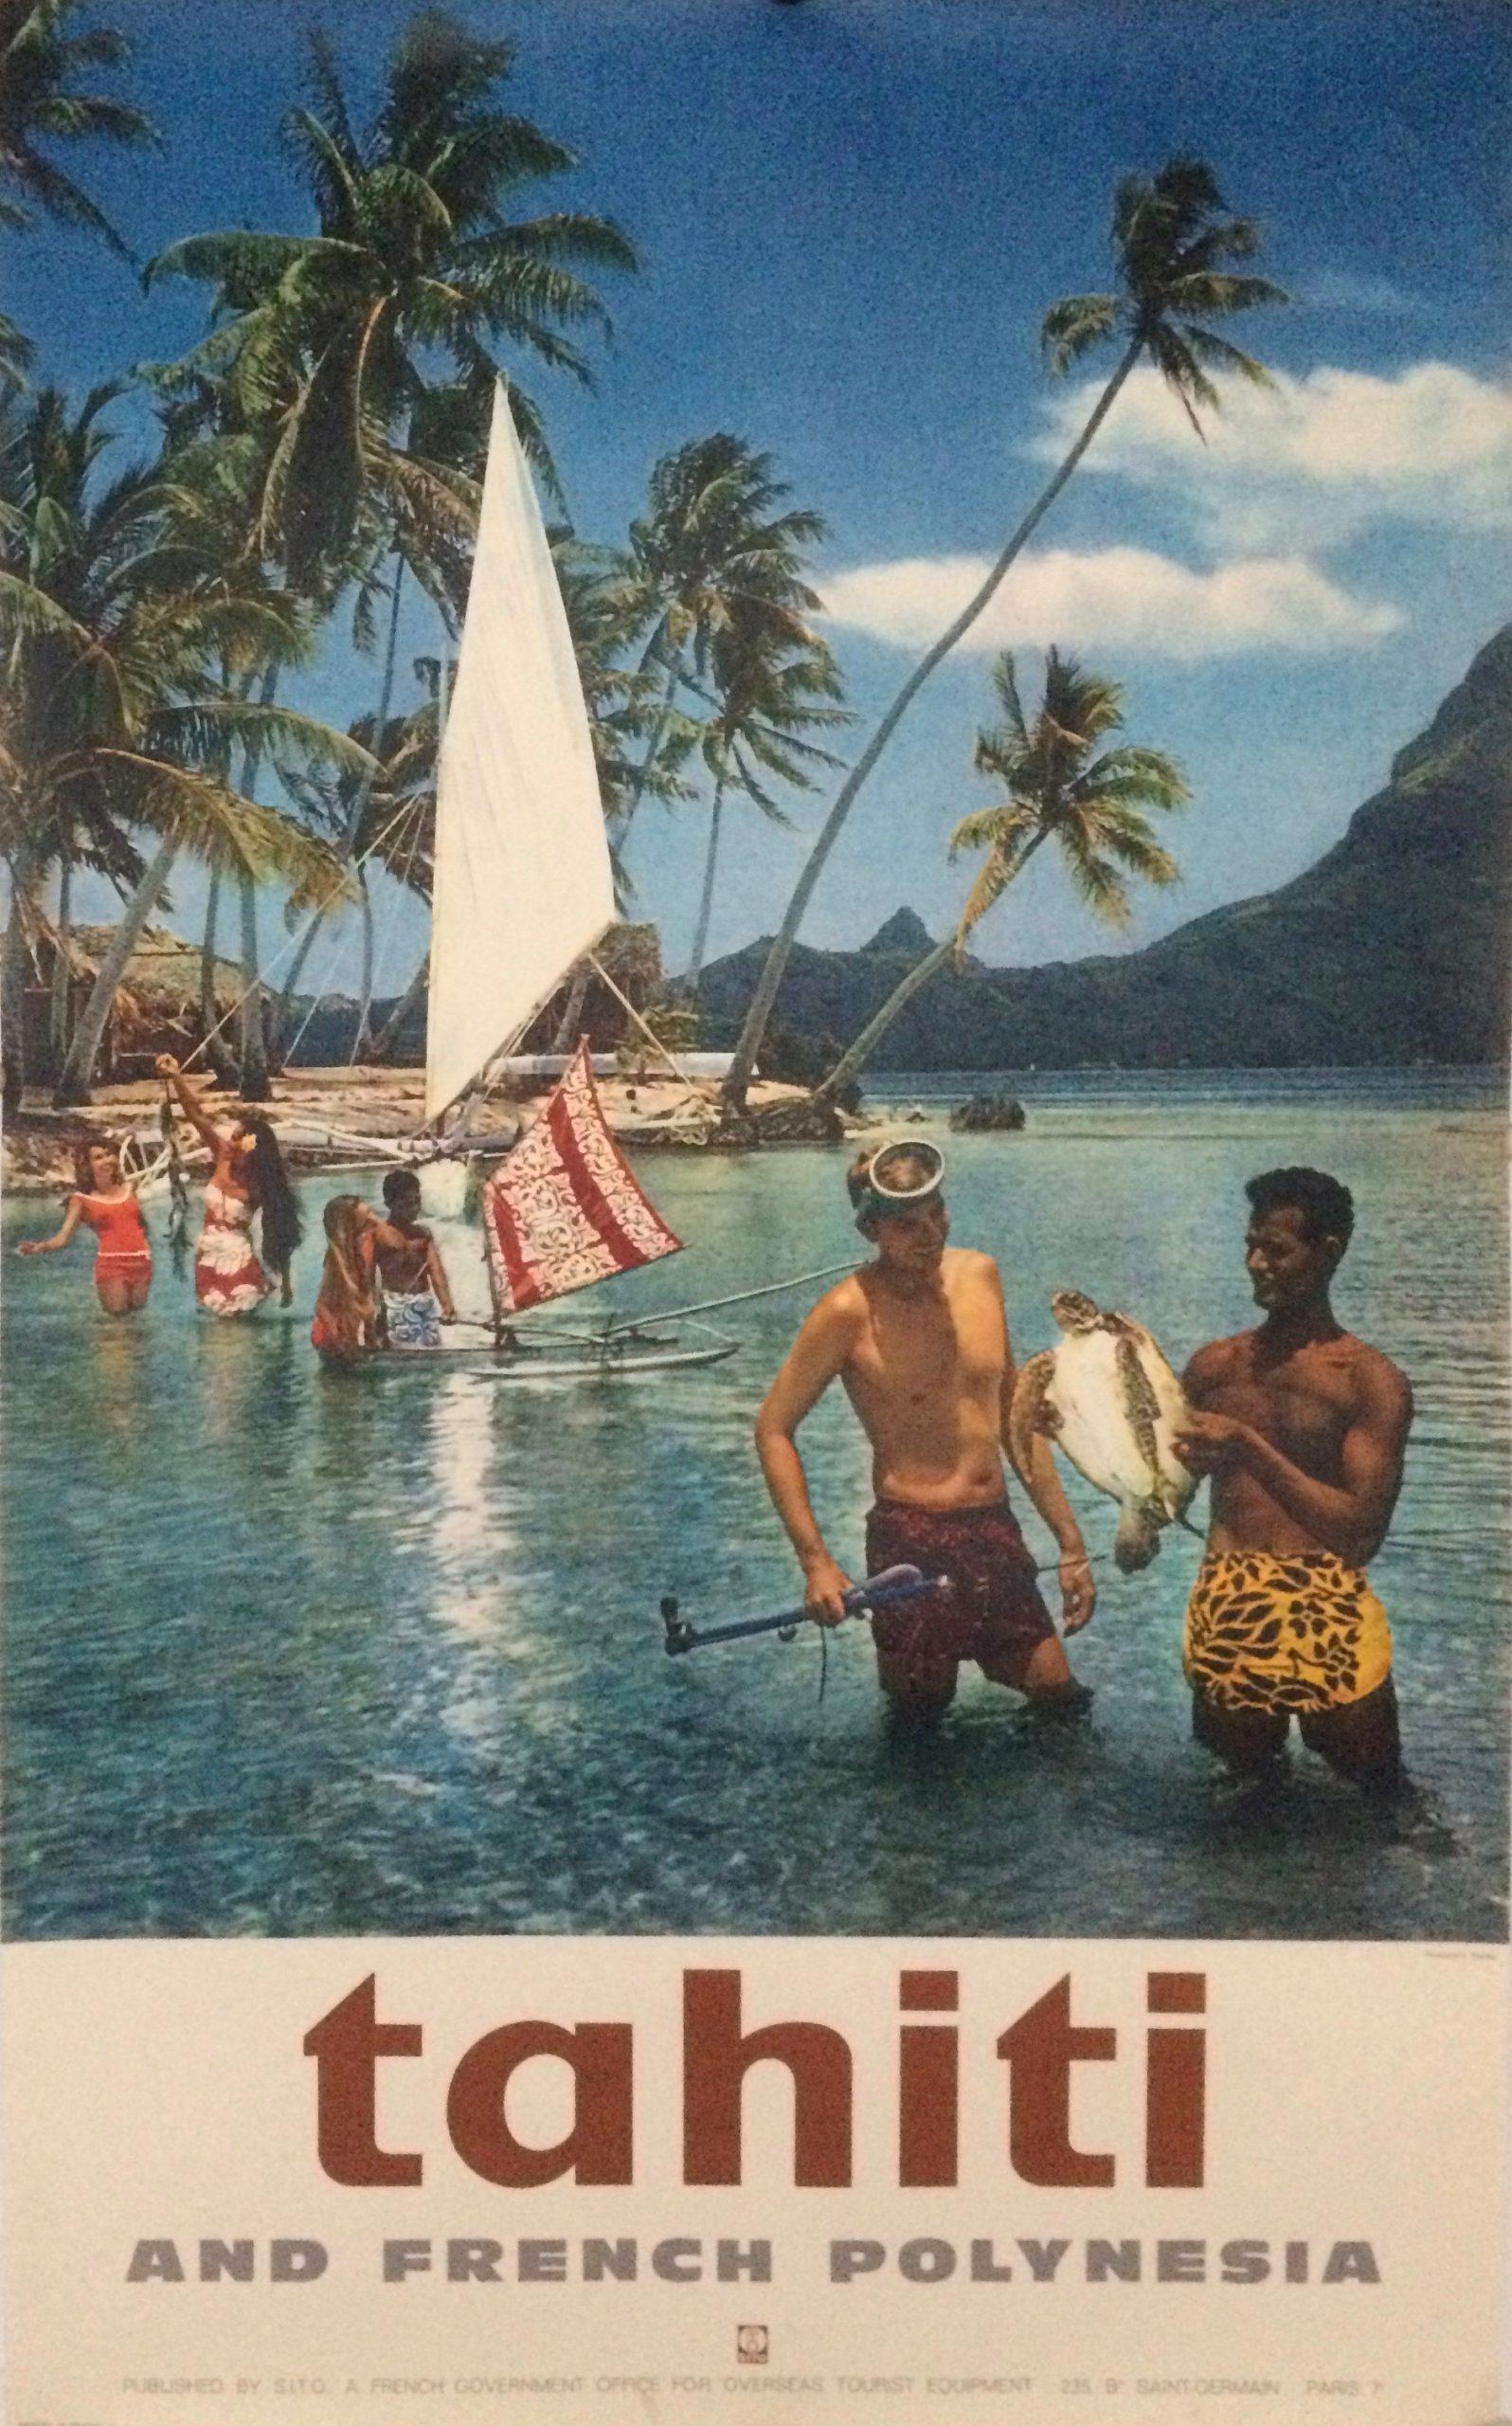 Tahiti travel poster